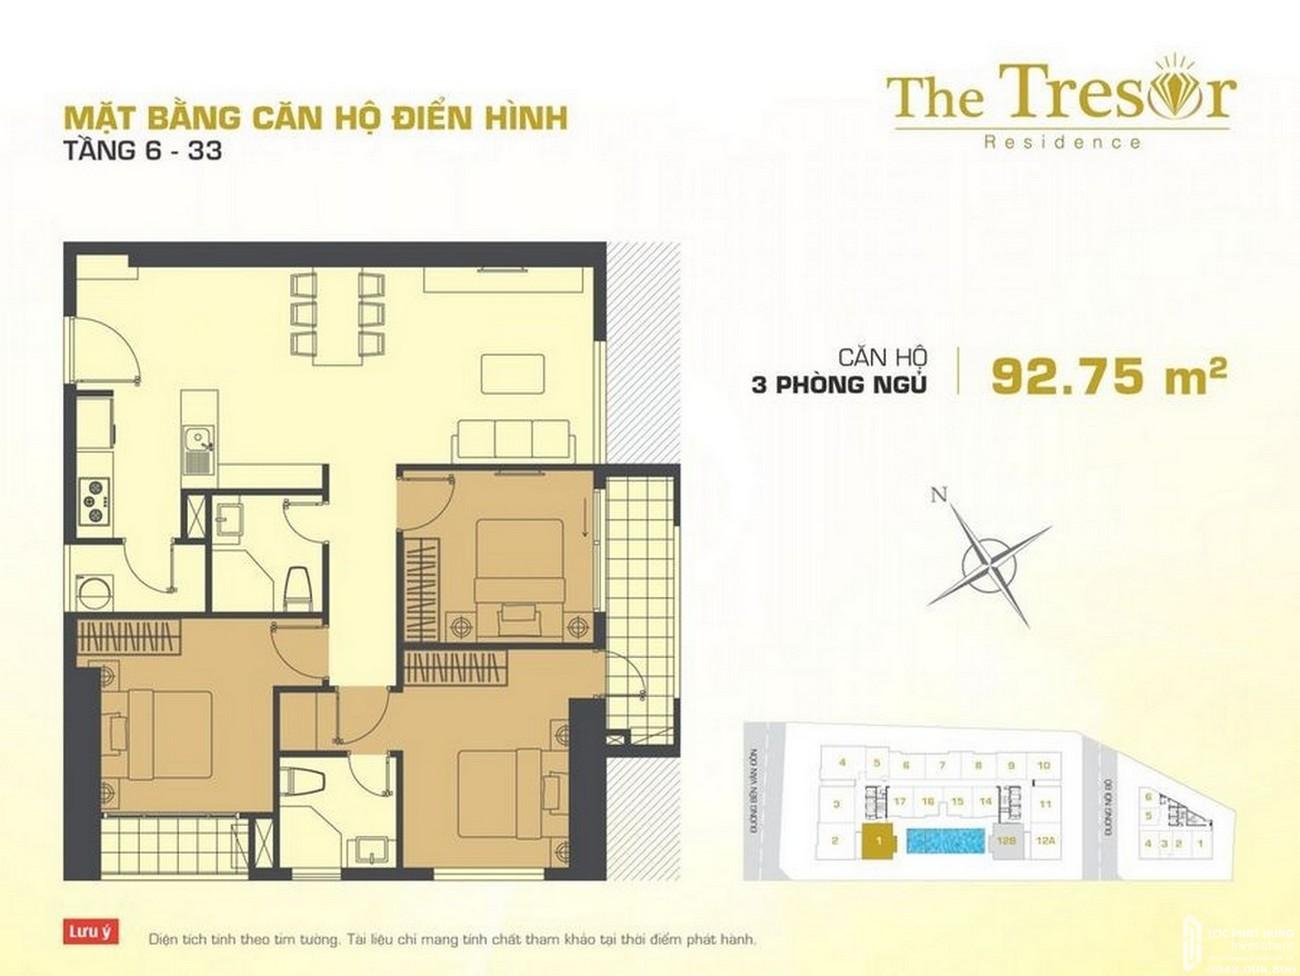 Thiết kế dự án căn hộ chung cư The Tresor Quận 4 Đường Bến Vân Đồn chủ đầu tư Novaland